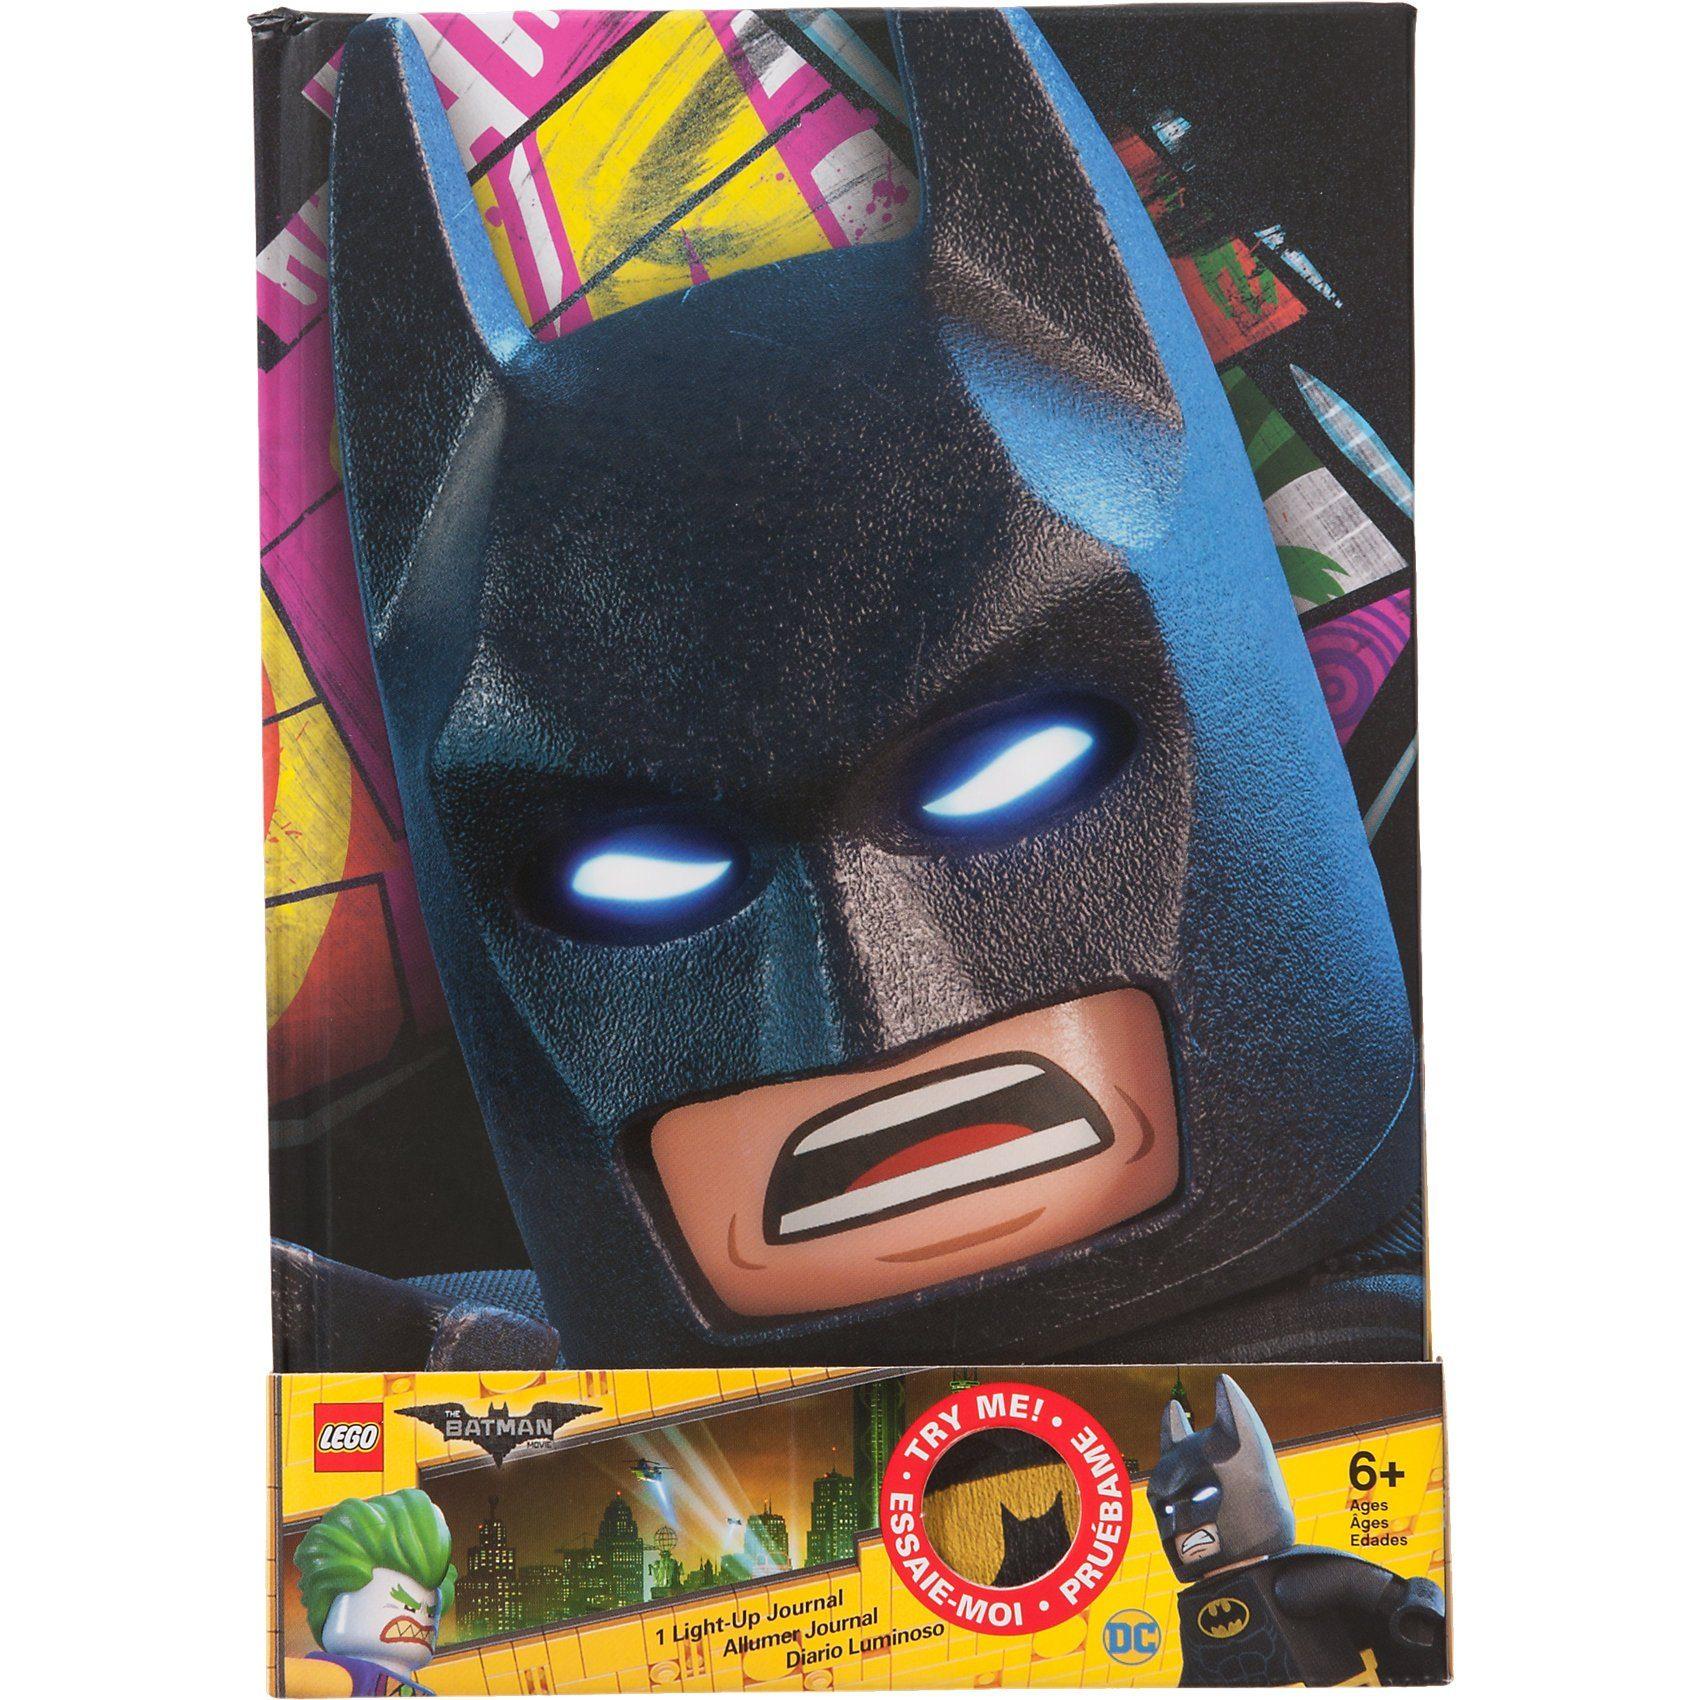 Batman Movie Notizbuch mit Leuchtaugen